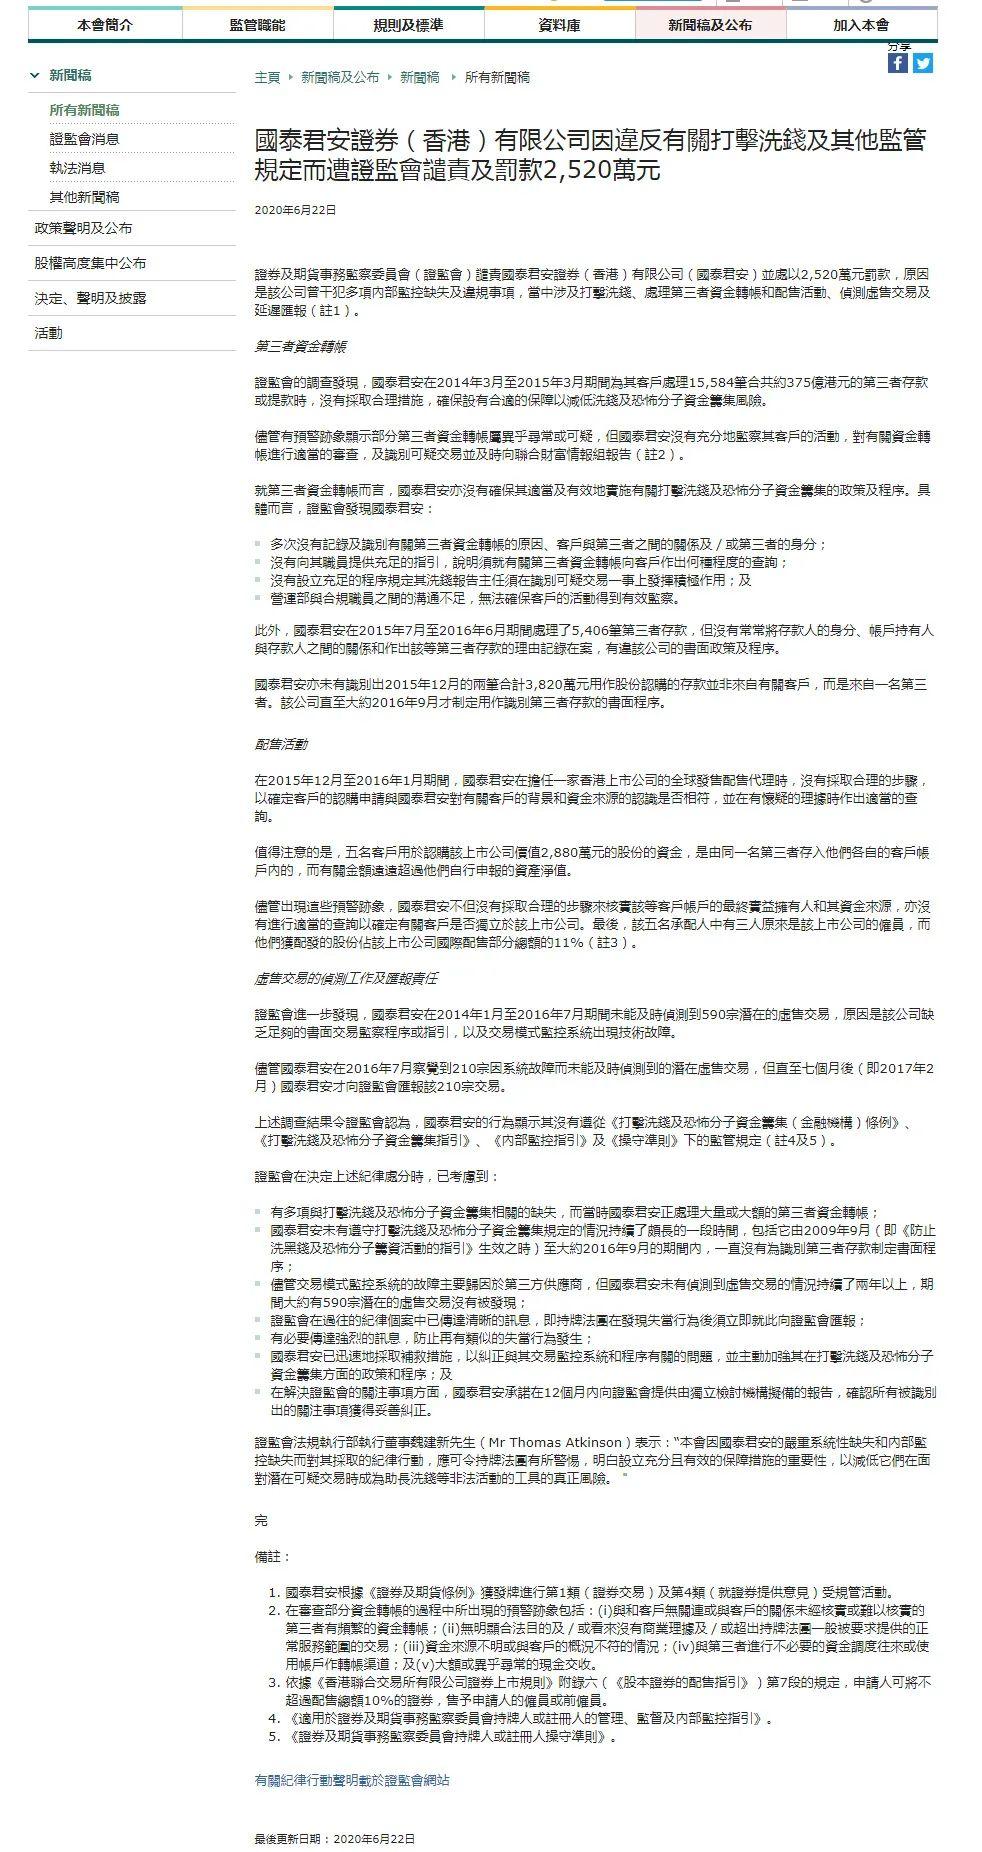 证监会再出手,国泰君安香港被罚2520万港元